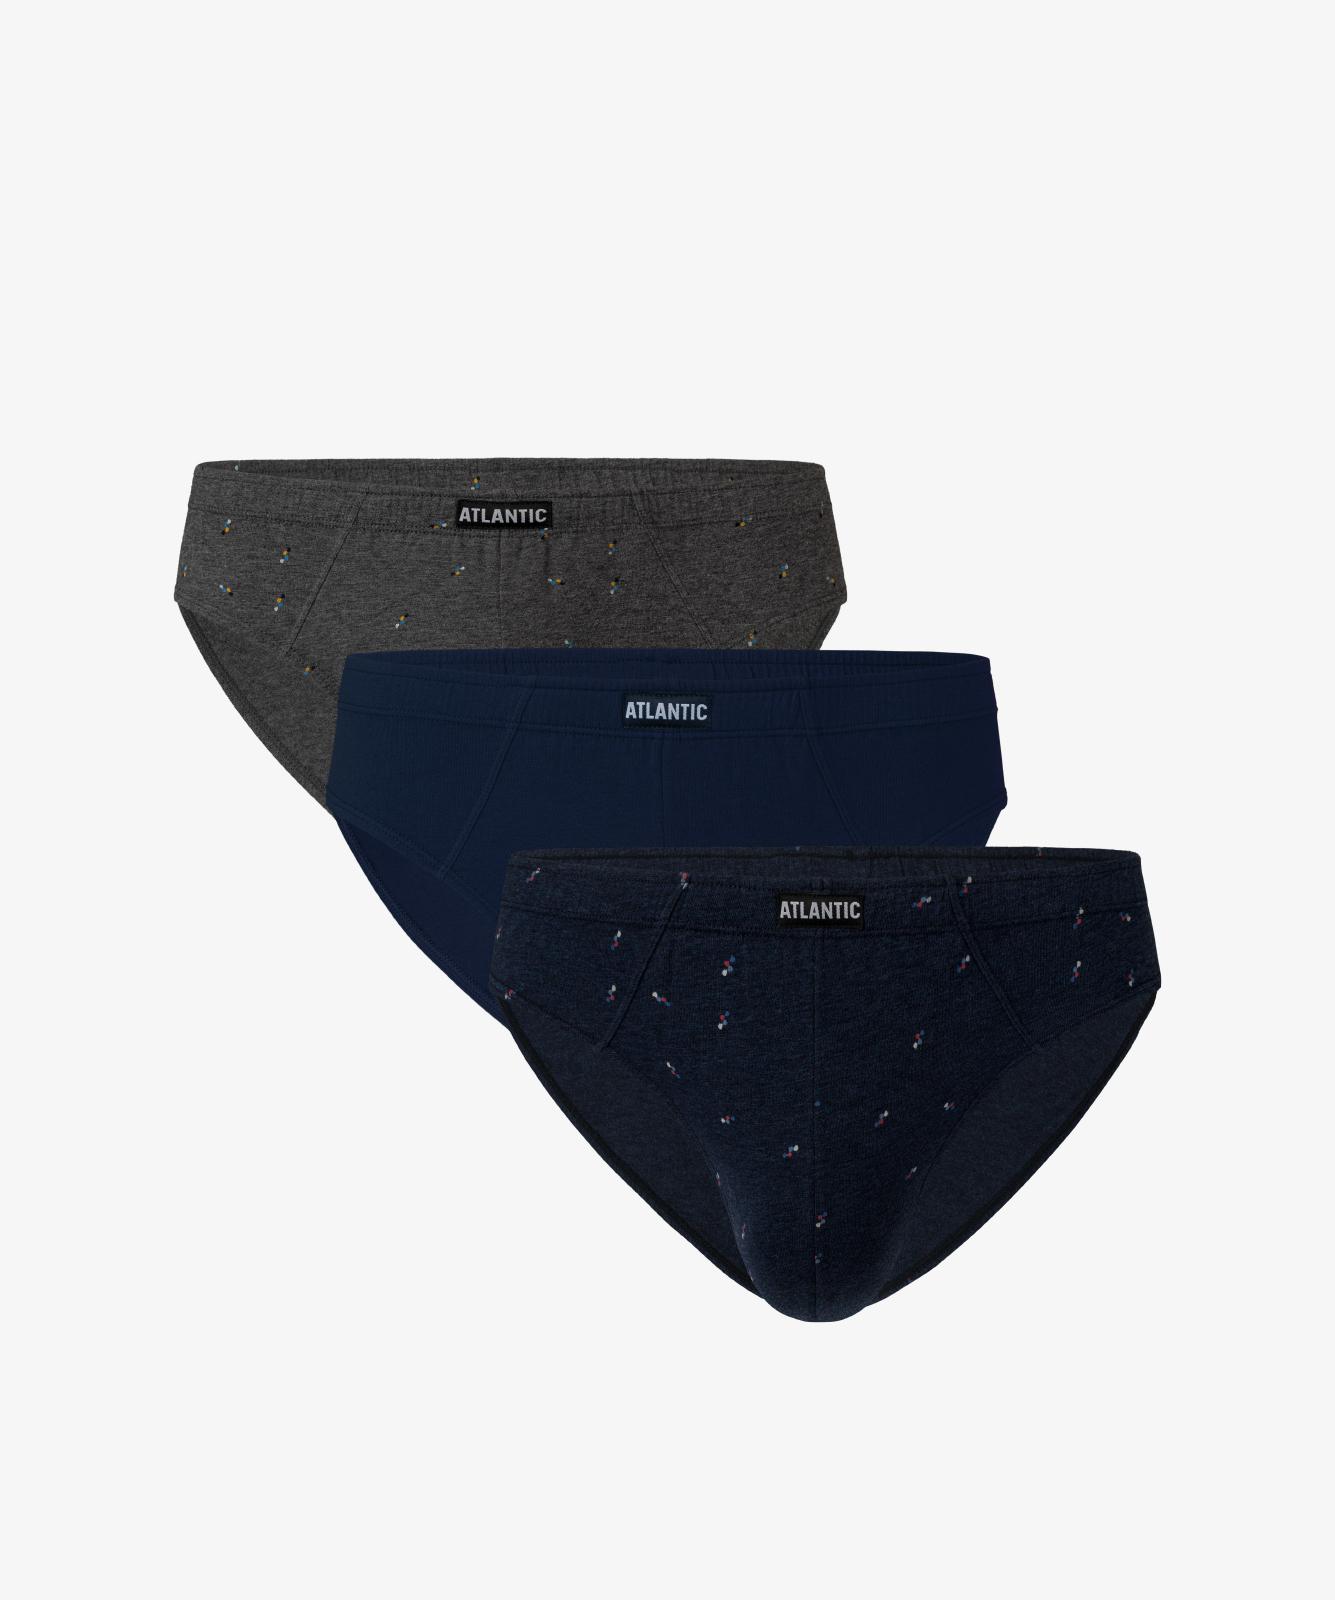 Мужские трусы слипы спорт Atlantic, набор 3 шт., хлопок, темно-серый меланж + темно-синие + темно-синий меланж, 3MP-100